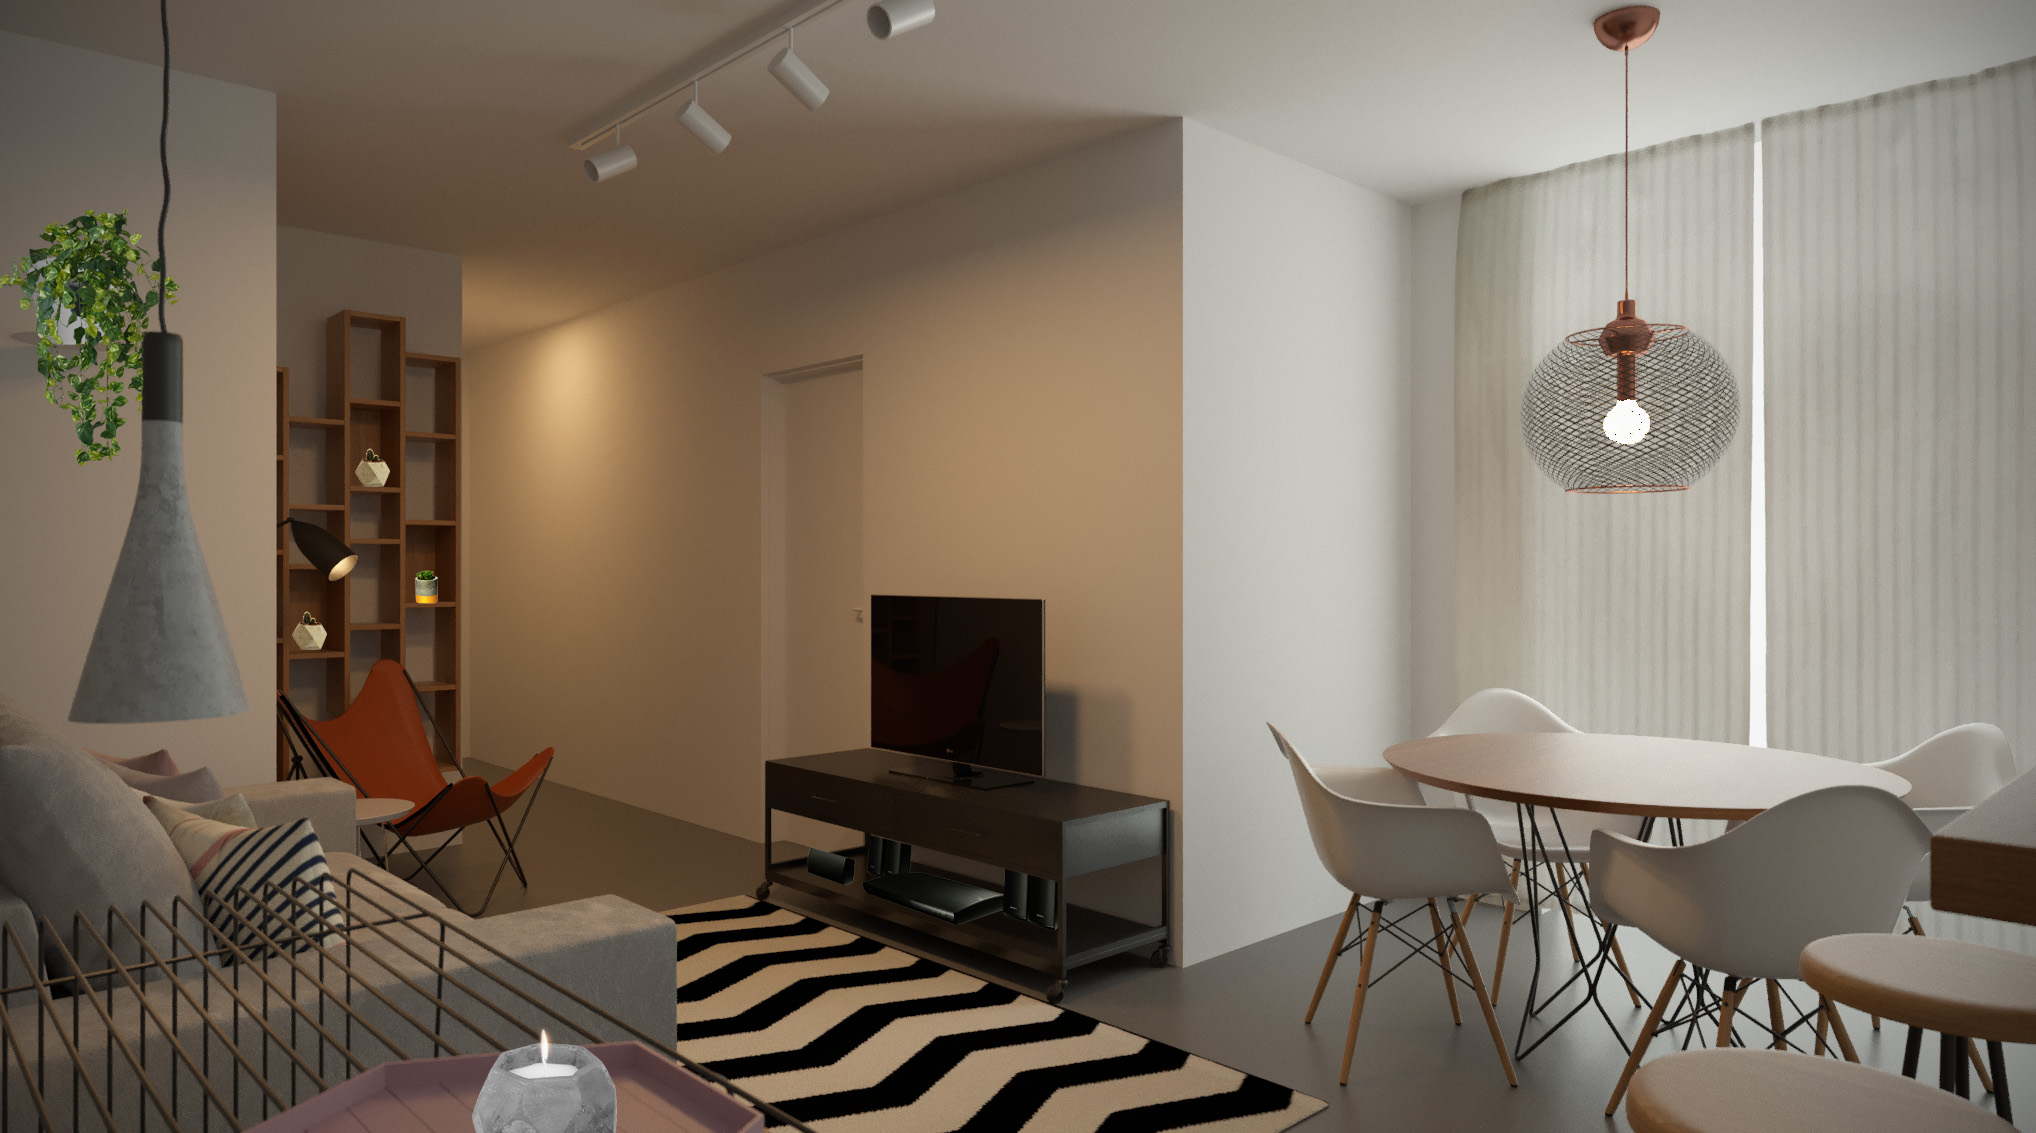 Sala Integrada estilo Minimalista